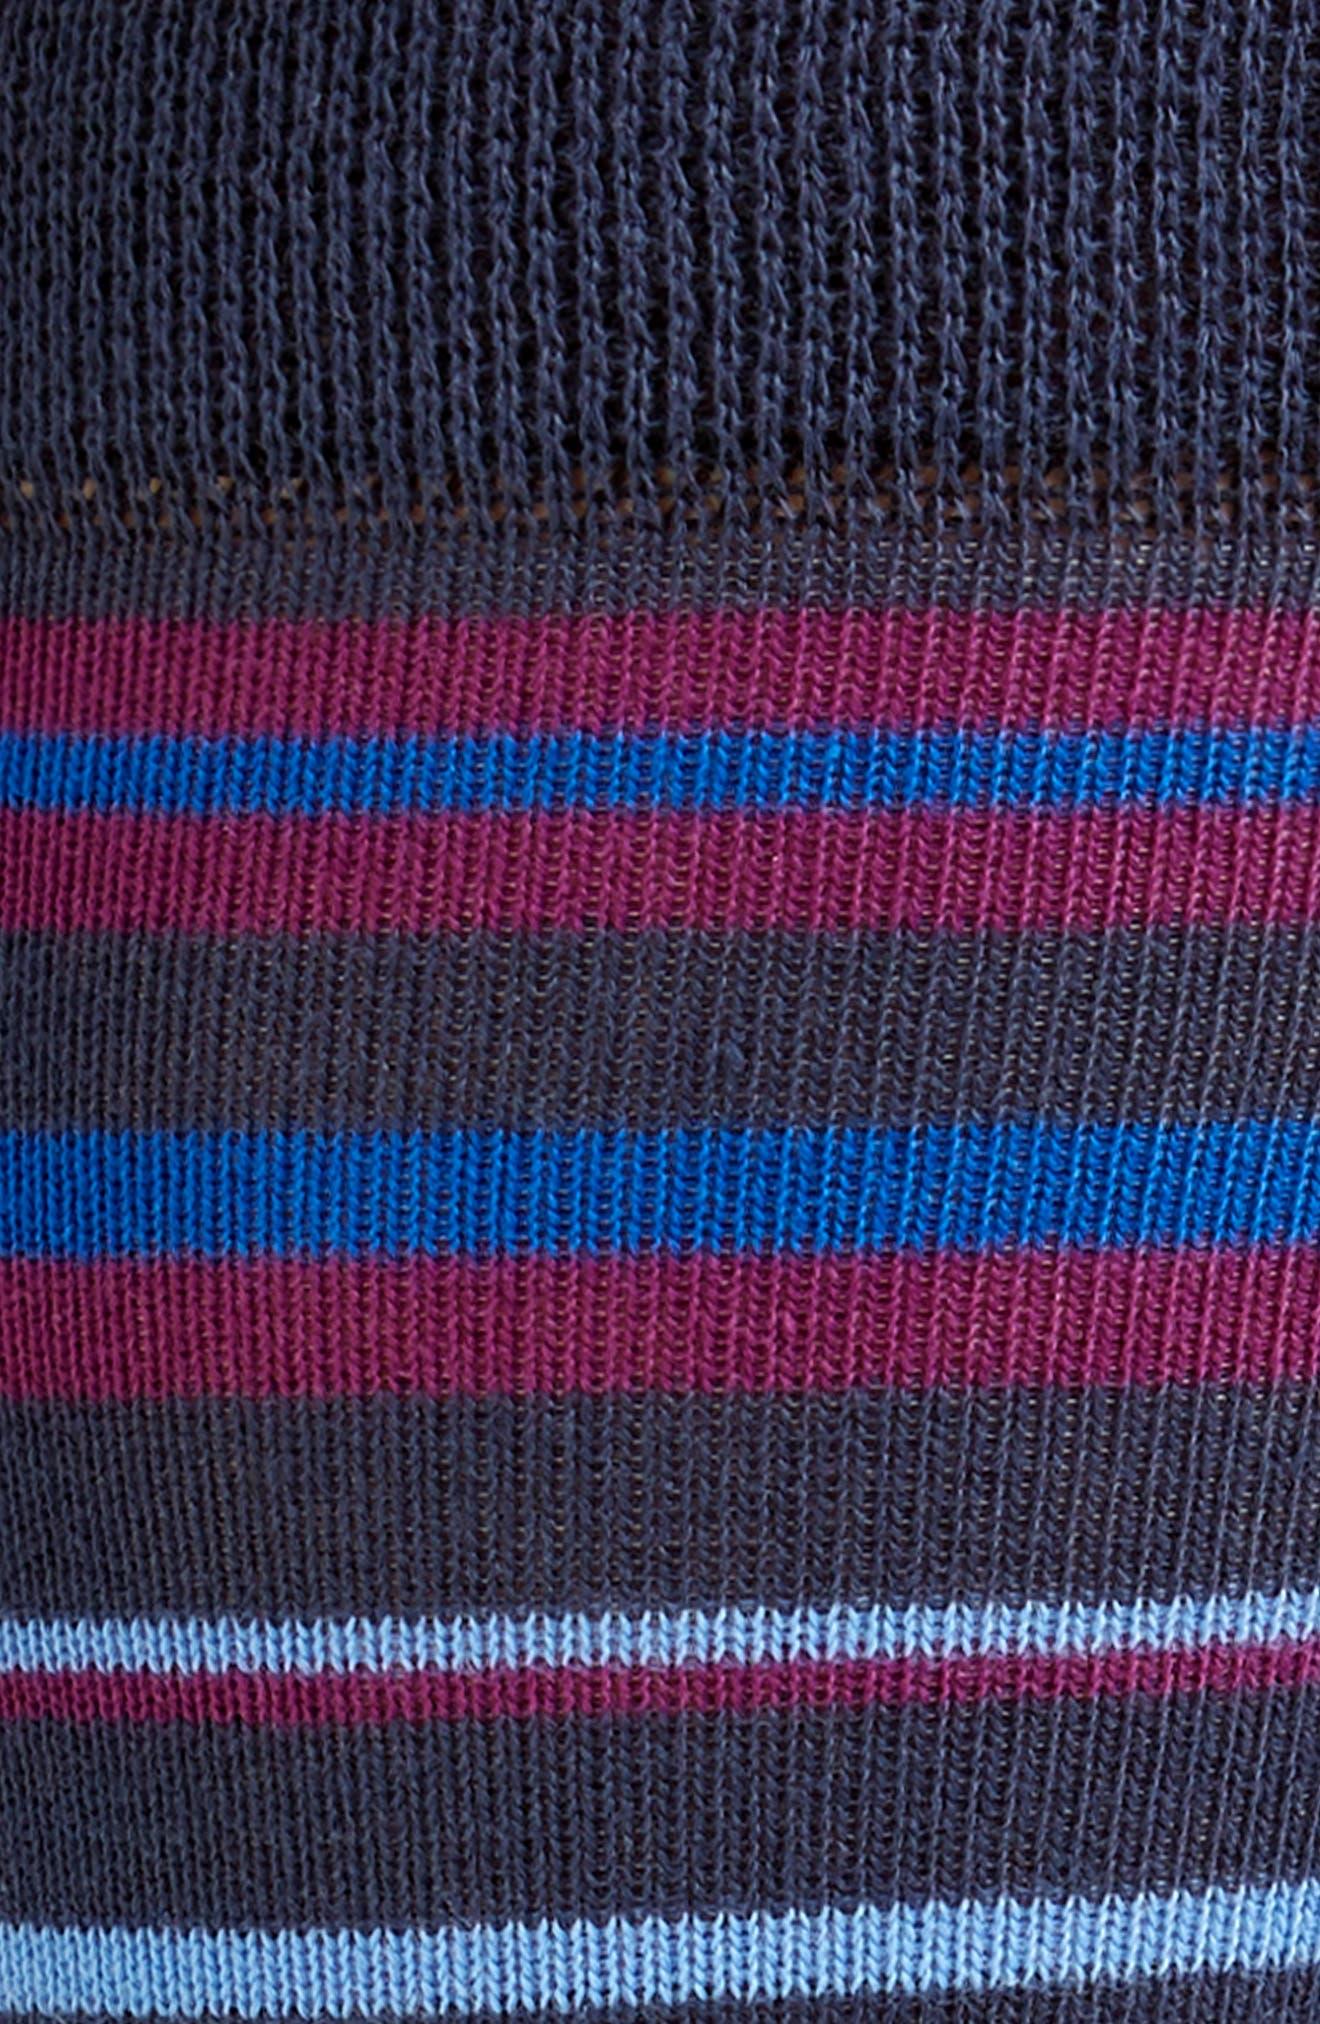 Sisma Stripe Socks,                             Alternate thumbnail 2, color,                             NAVY